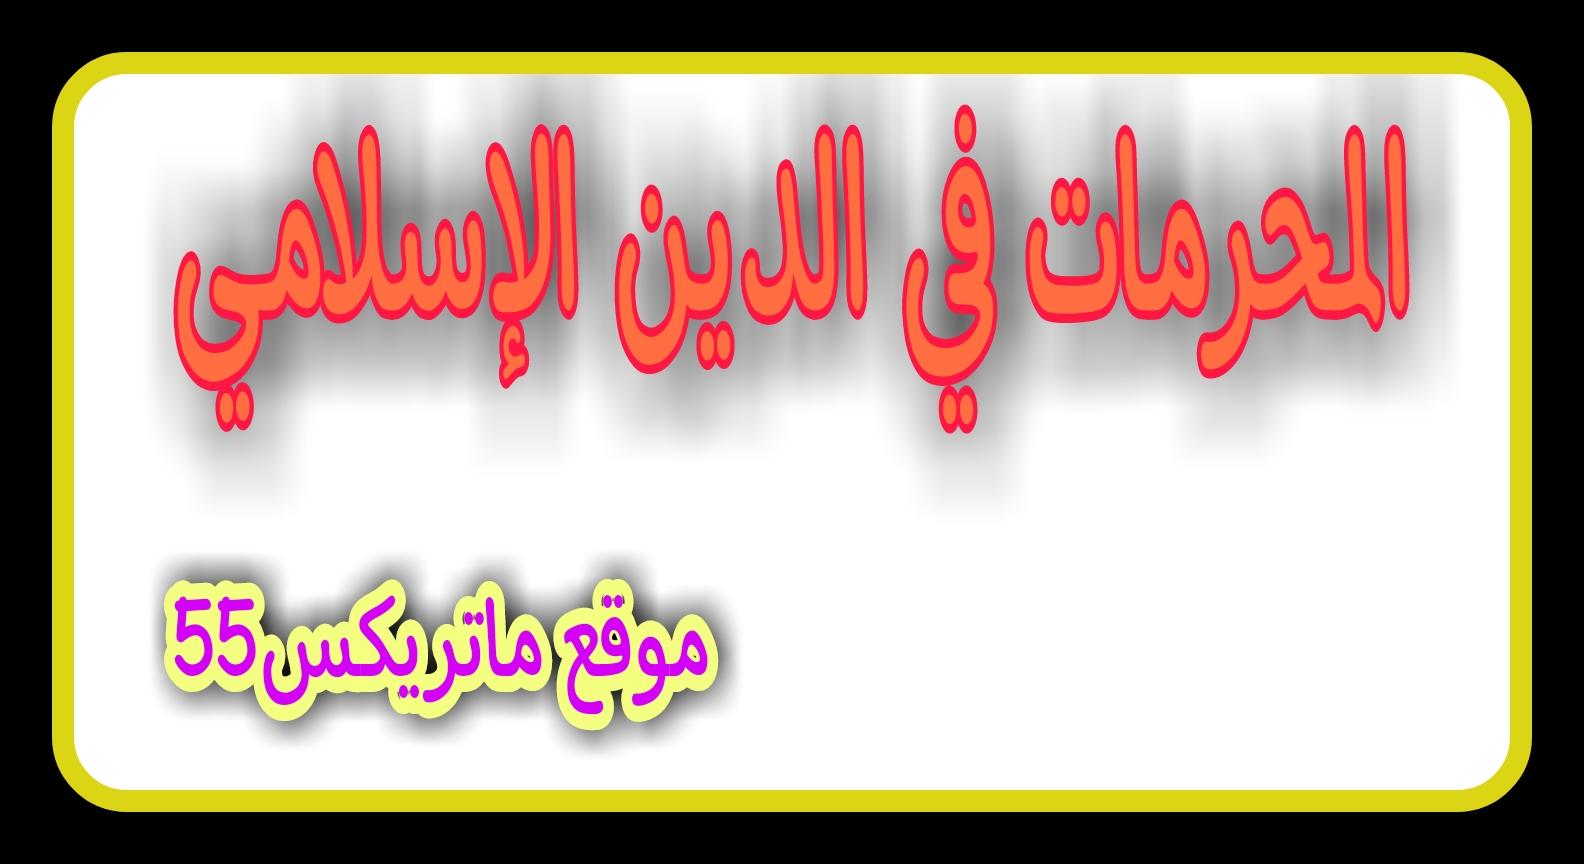 آداب الدين الإسلامي | الدين الإسلامي الصحيح | الدين الاسلامي يحث على النظافة